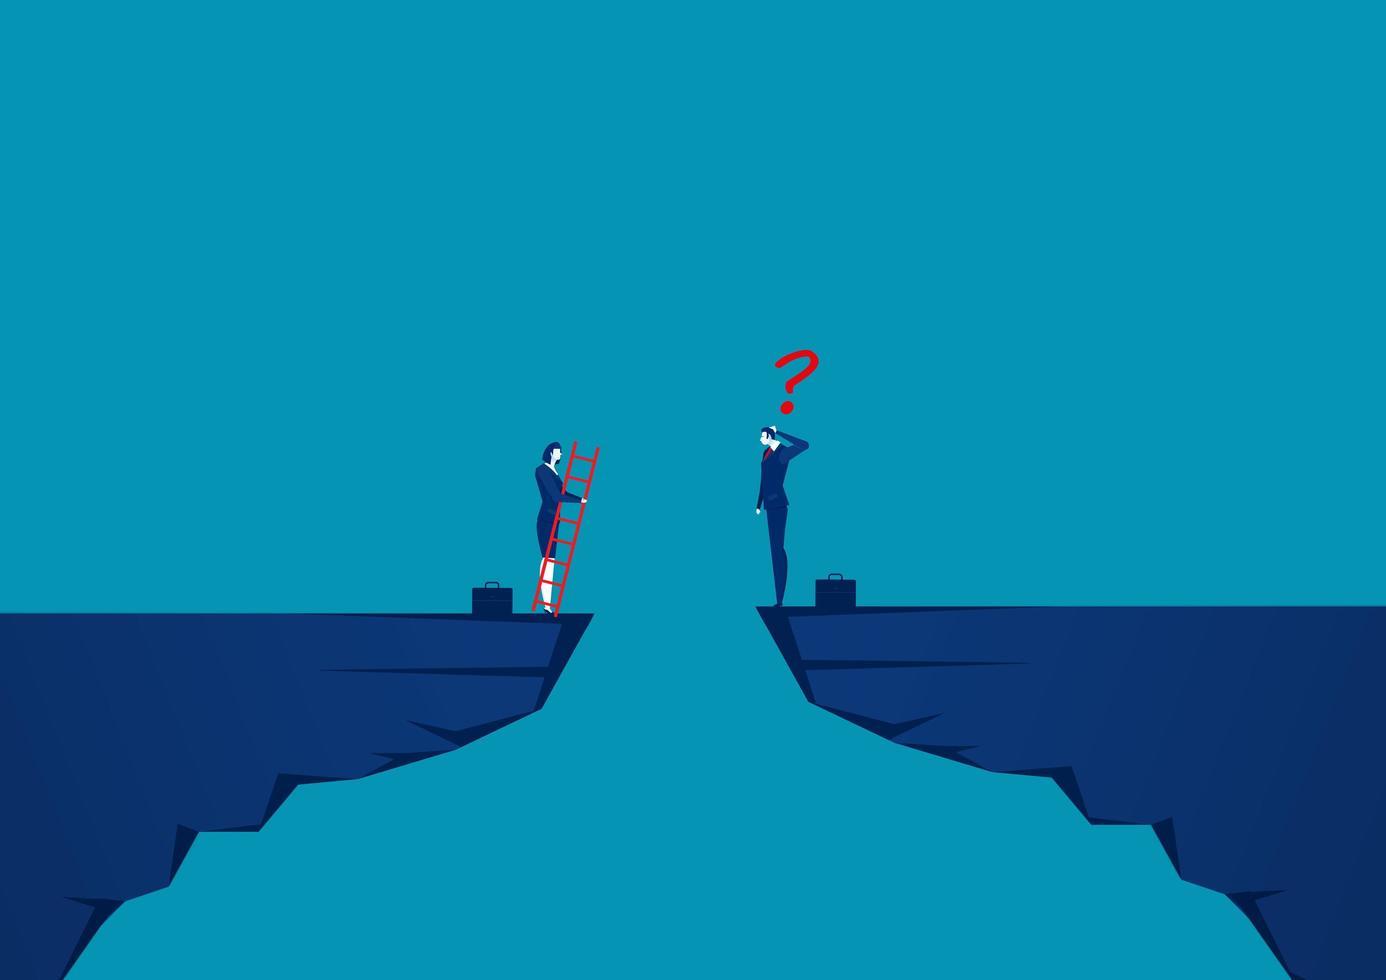 pessoas de negócios competem do outro lado do penhasco para a meta vetor